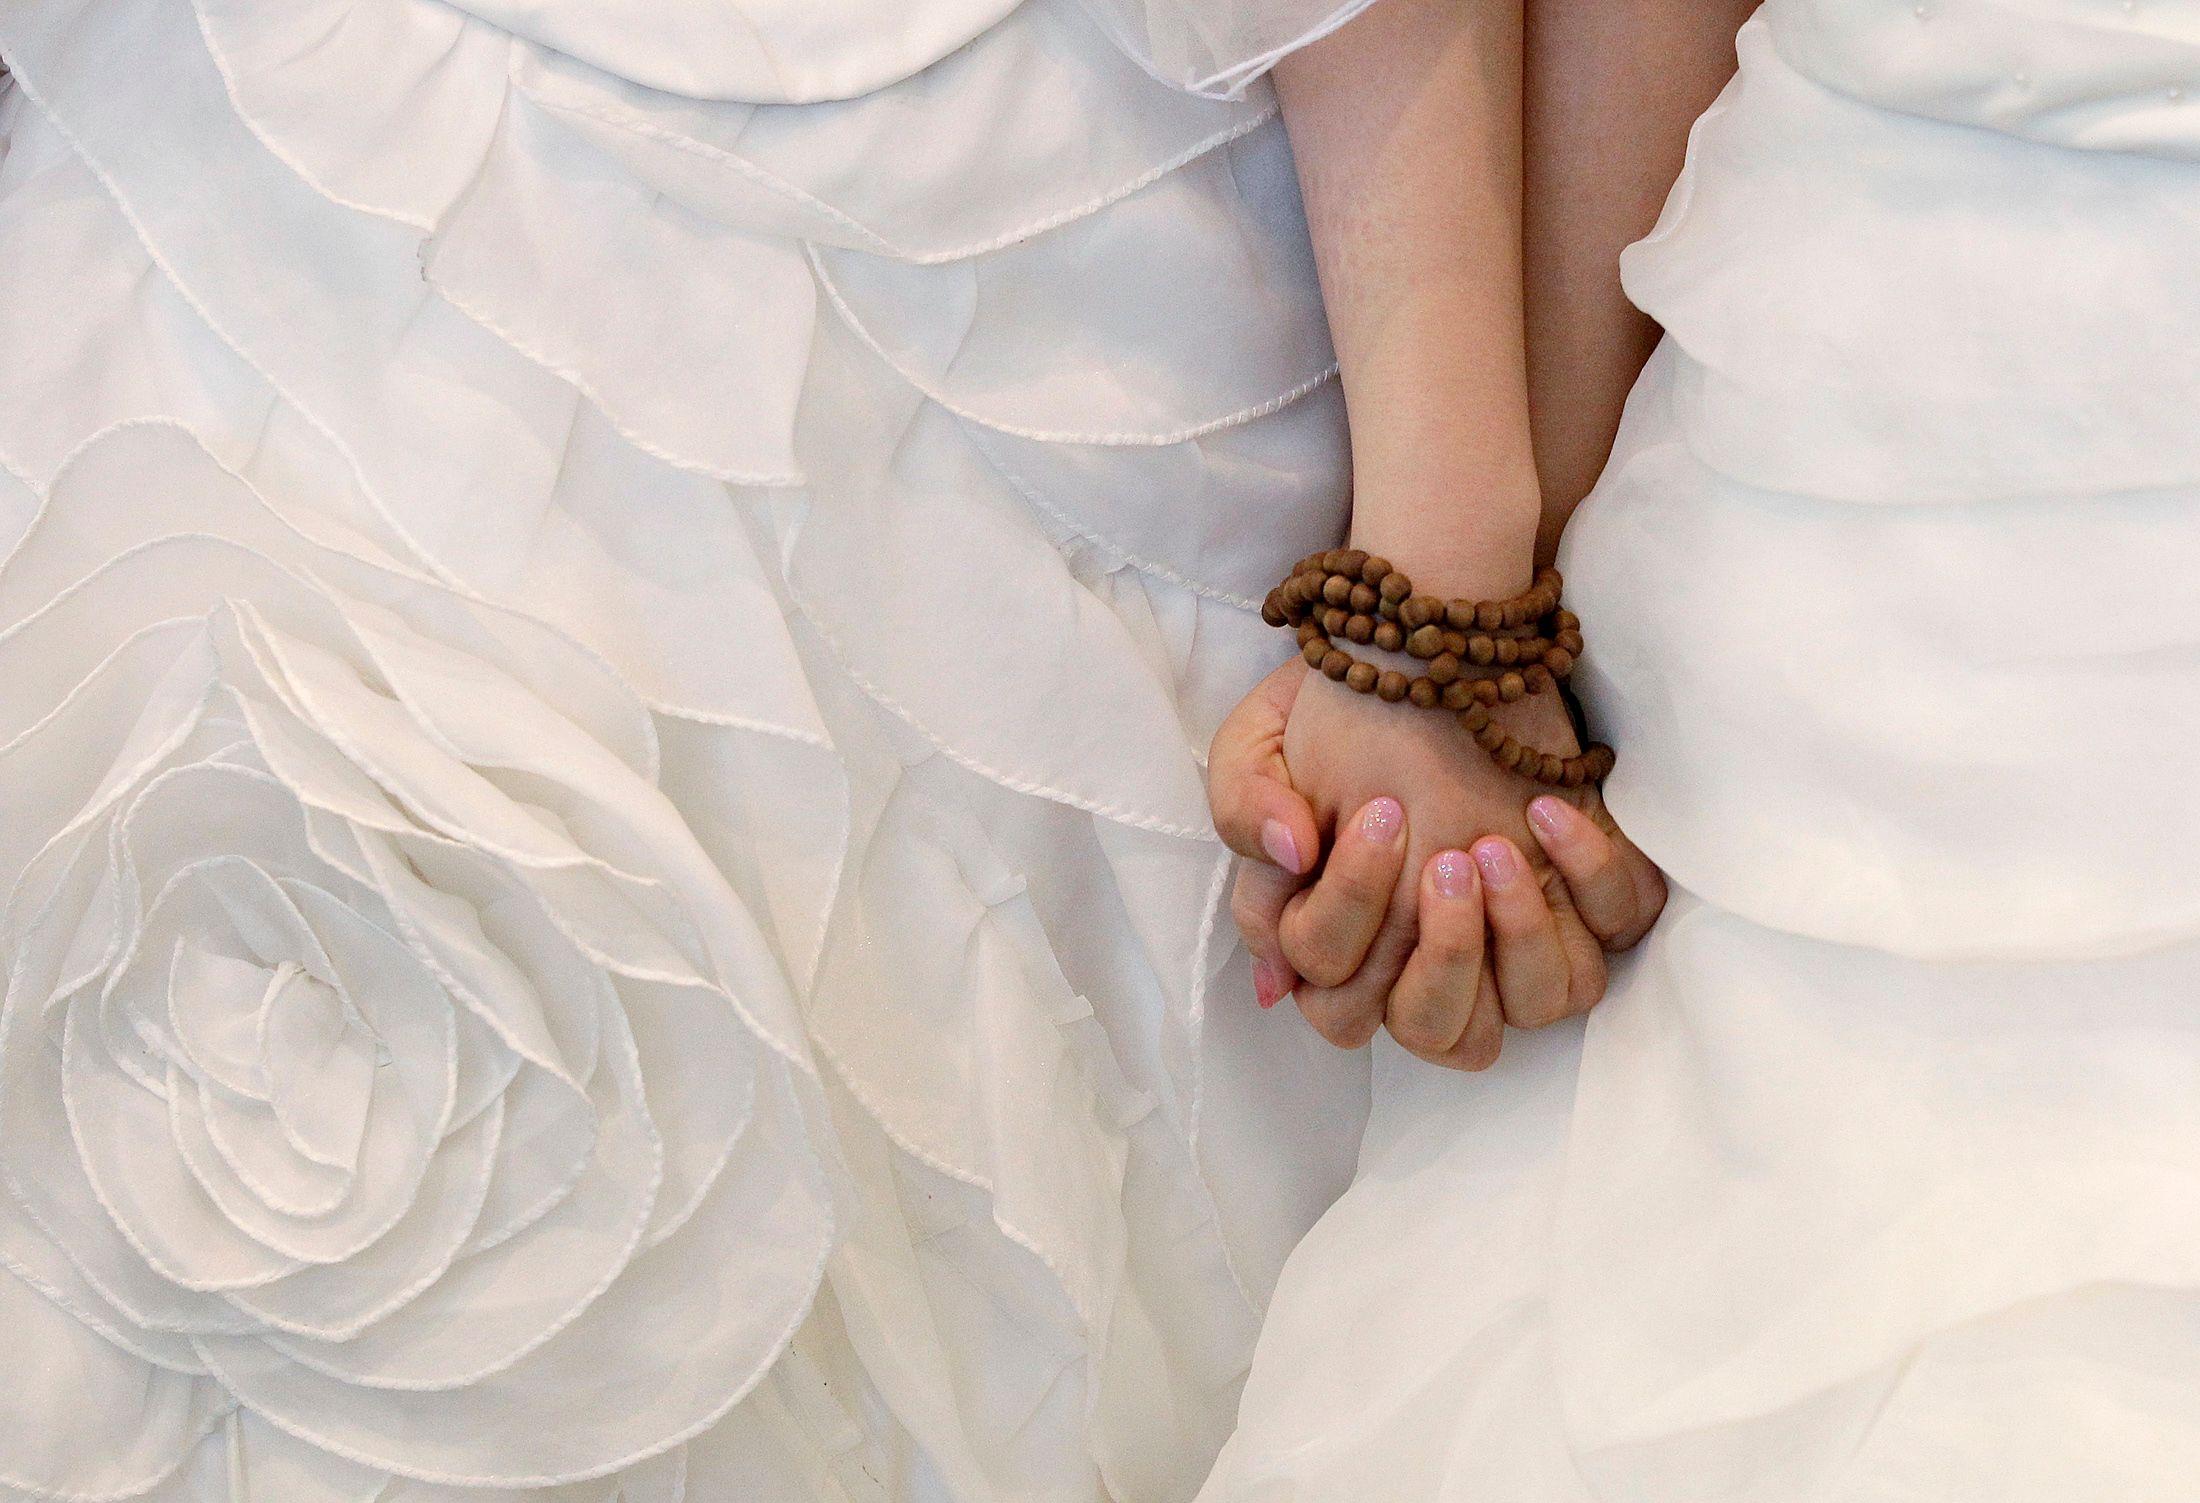 Le sondage révèle aussi que 59% des Français sont aujourd'hui favorables à la loi pour le mariage homosexuel.